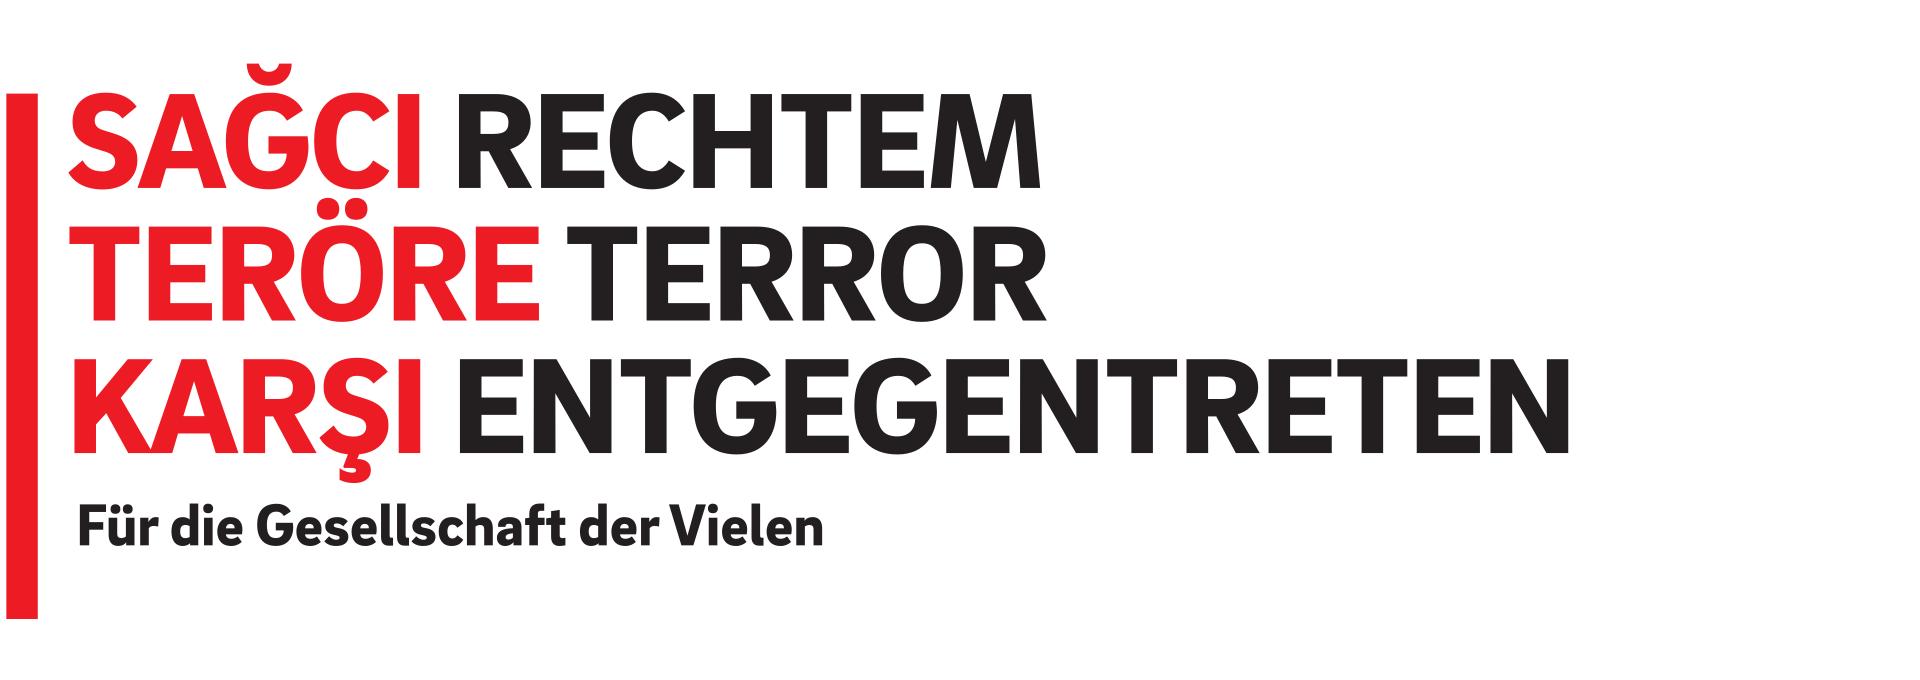 Rechtem Terror entgegentreten - Für eine Gesellschaft der Vielen